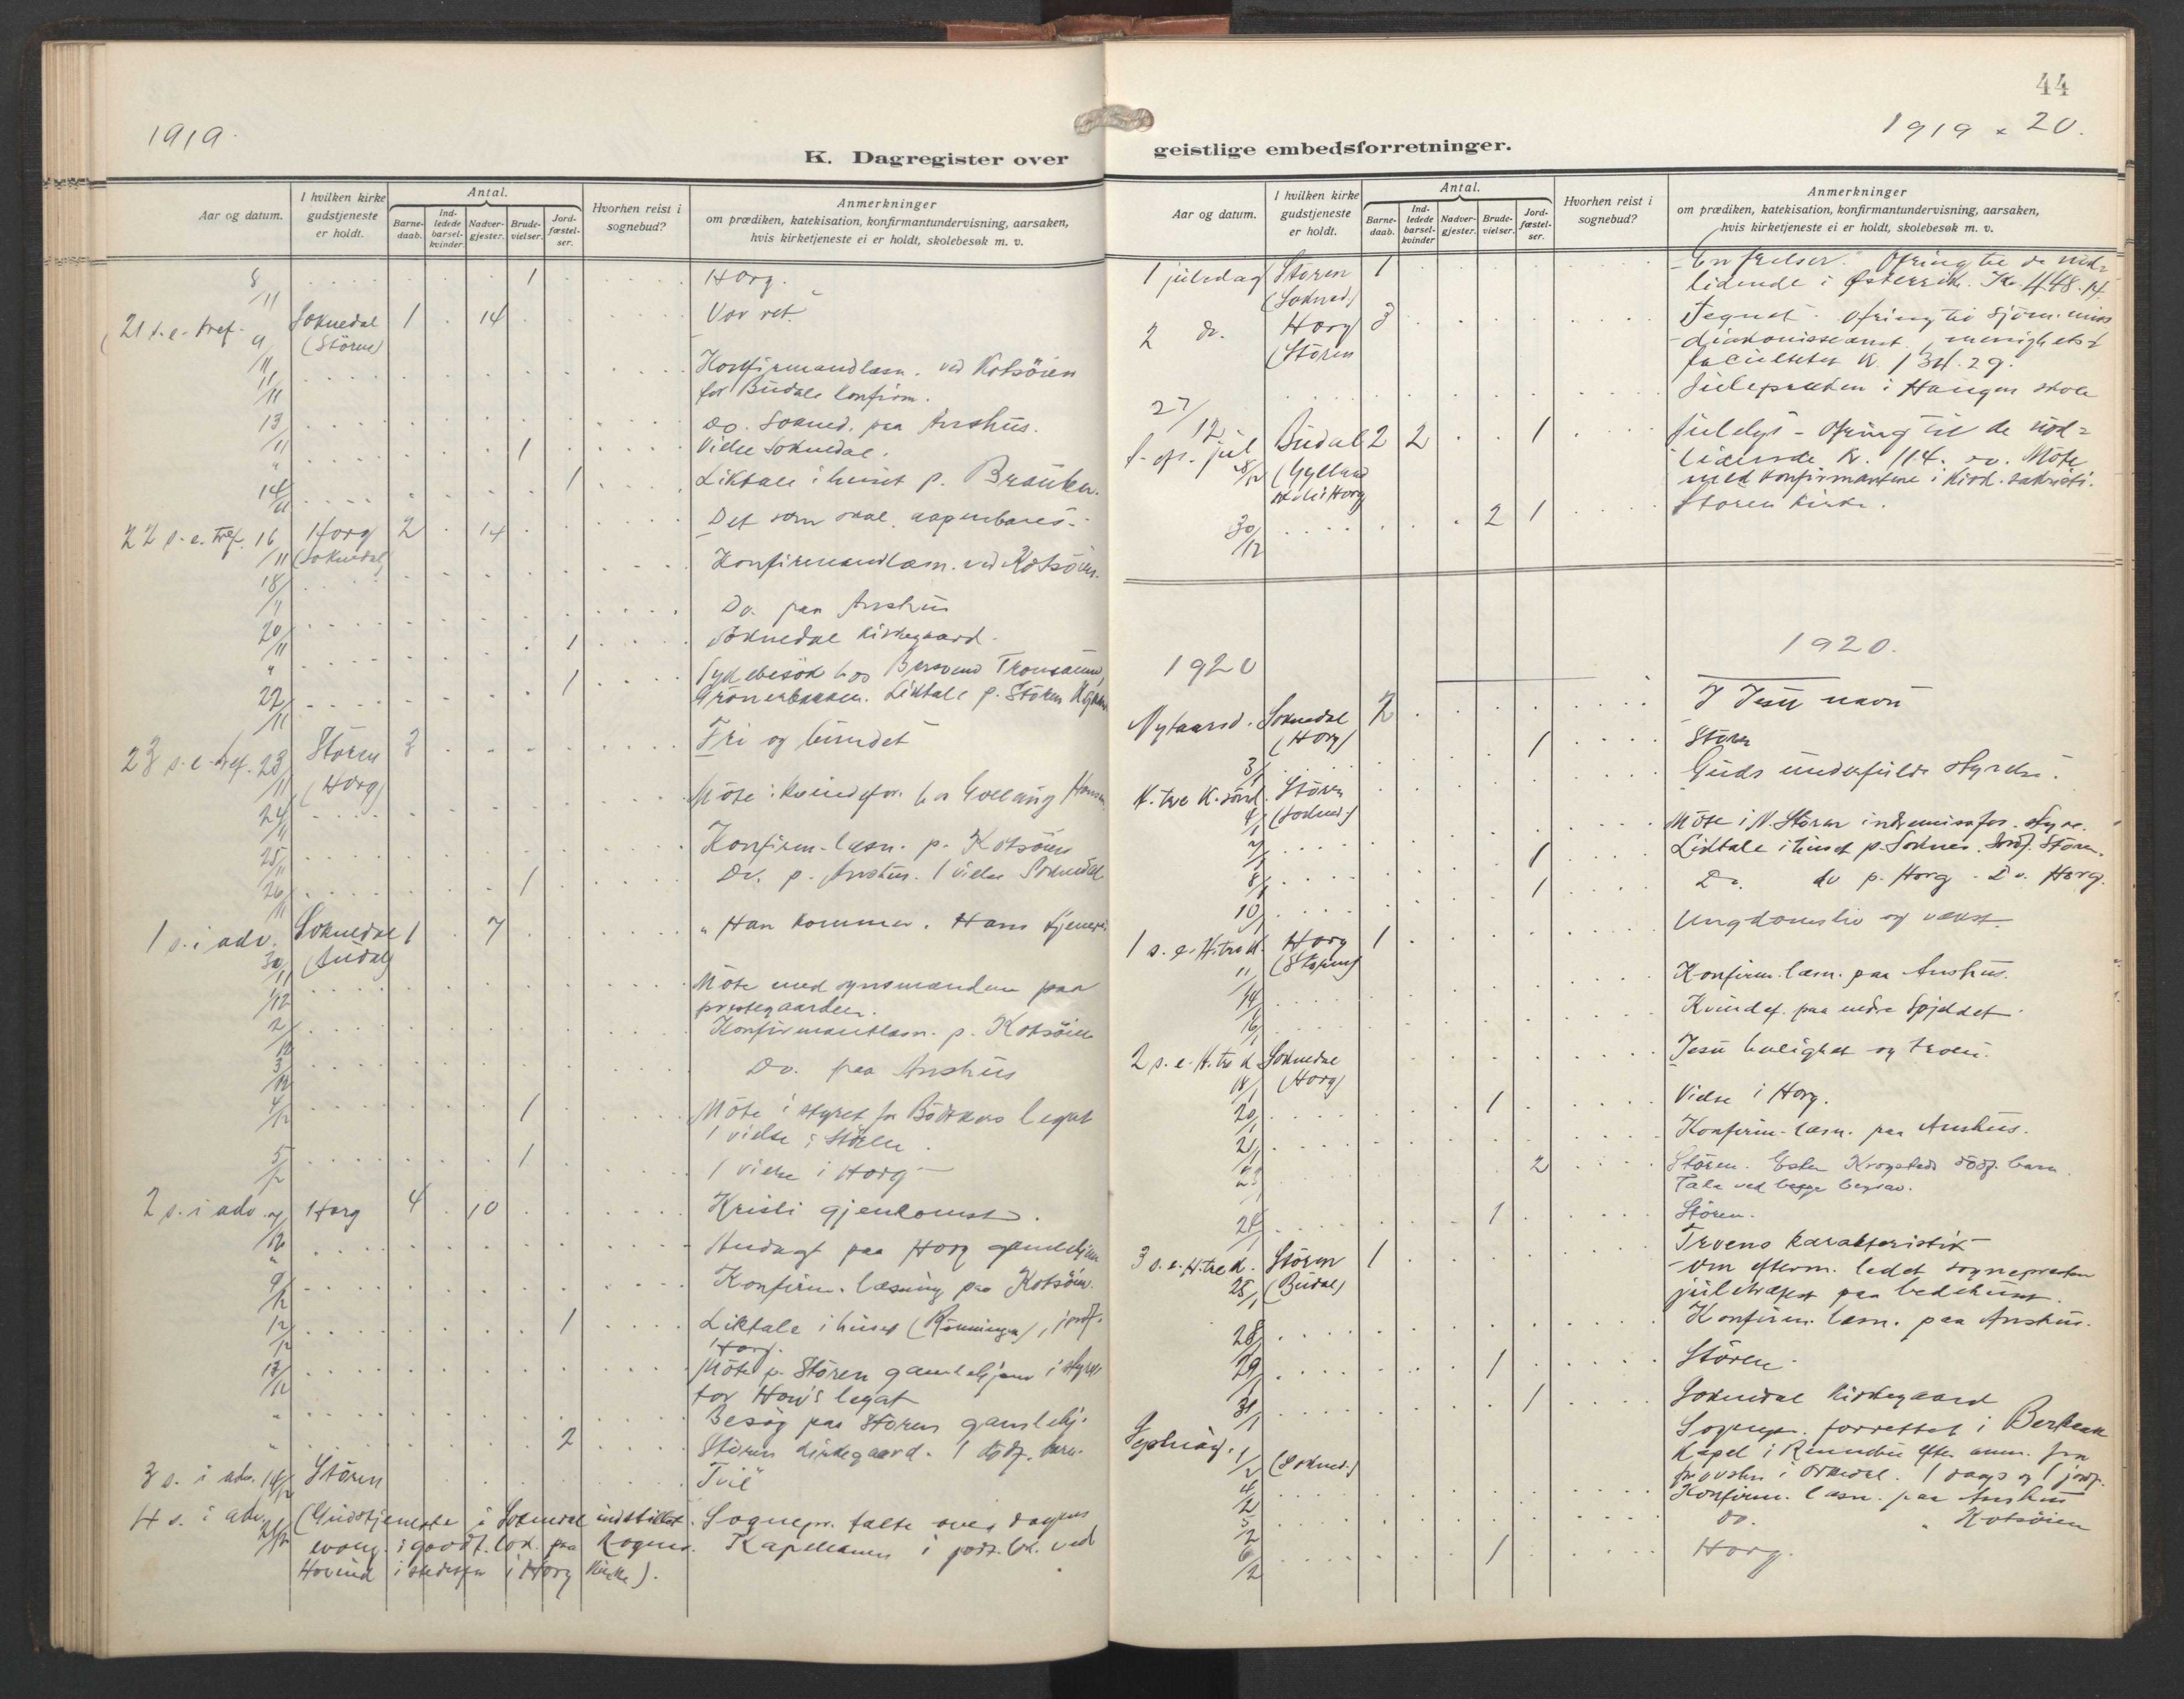 SAT, Ministerialprotokoller, klokkerbøker og fødselsregistre - Sør-Trøndelag, 687/L1006: Dagregister nr. 687A12, 1912-1931, s. 44